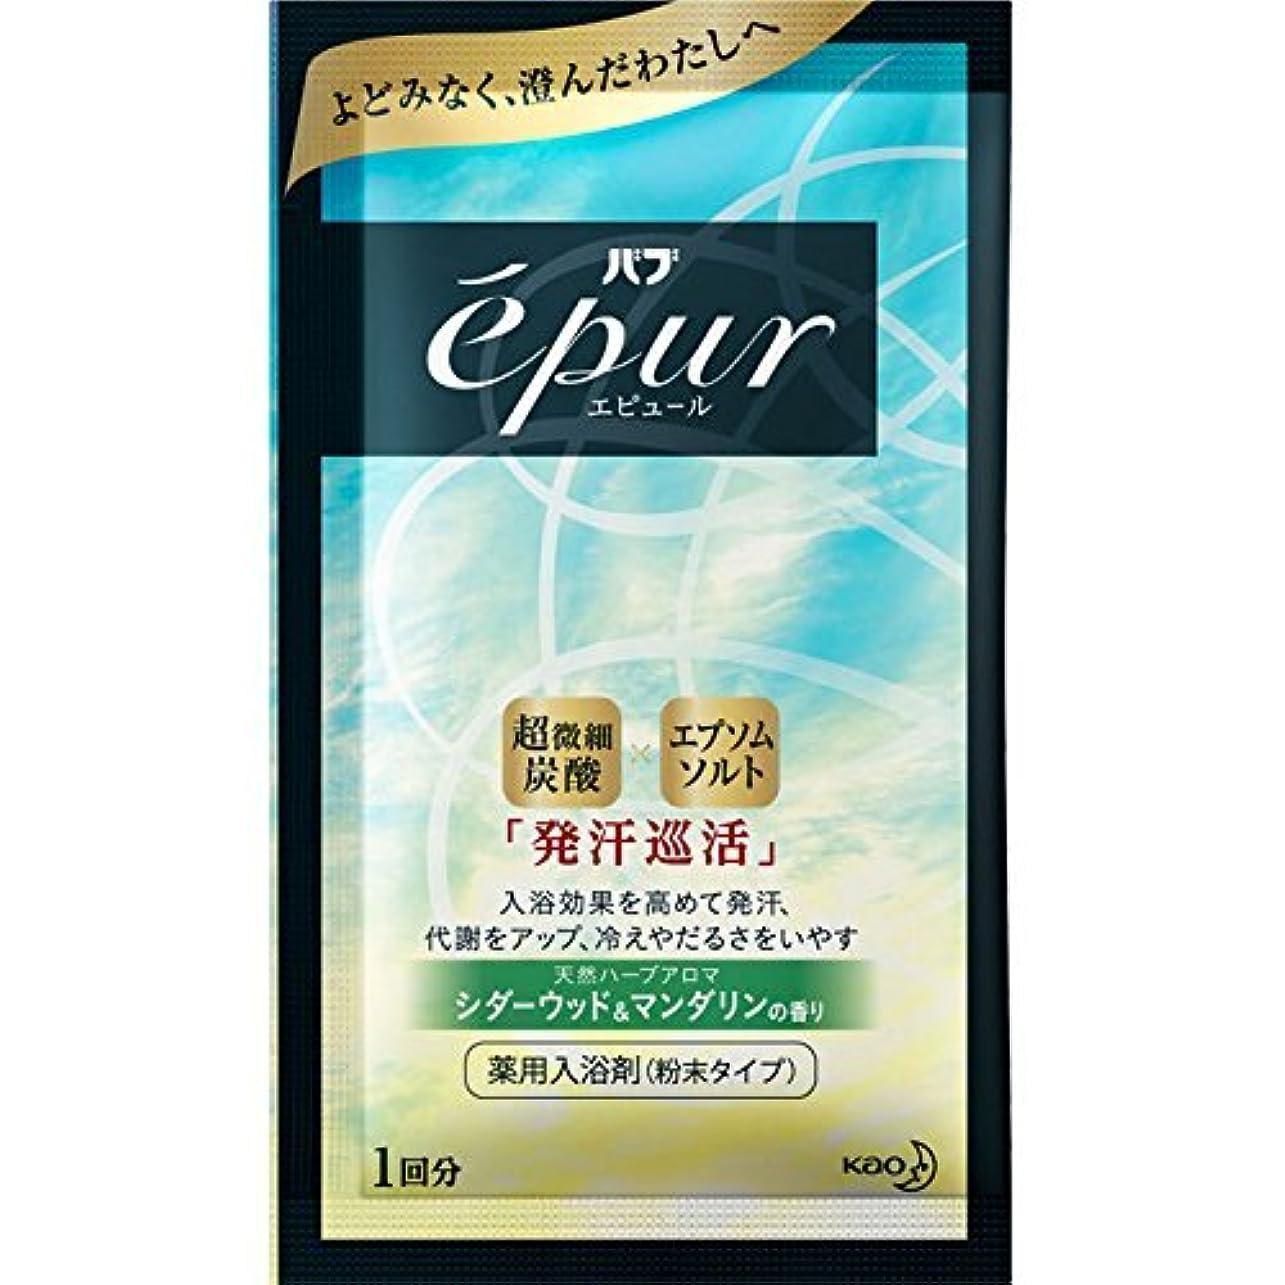 床を掃除する低下哀れな花王 バブ エピュール シダーウッド&マンダリン 50G (医薬部外品)